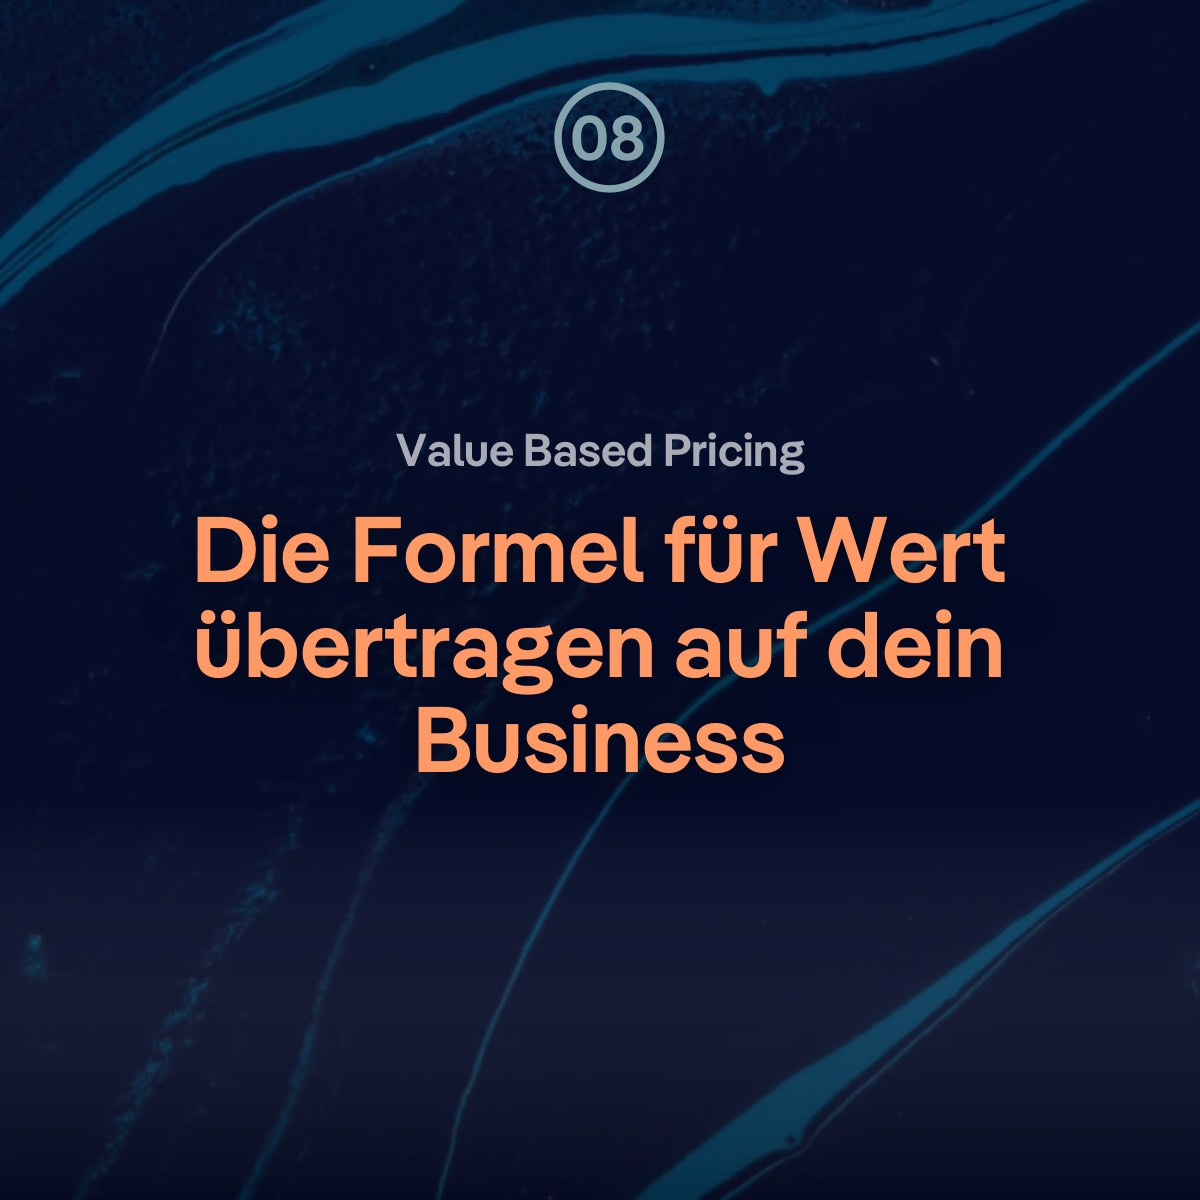 VBP: Die Formel für Wert übertragen auf dein Webdesign Business